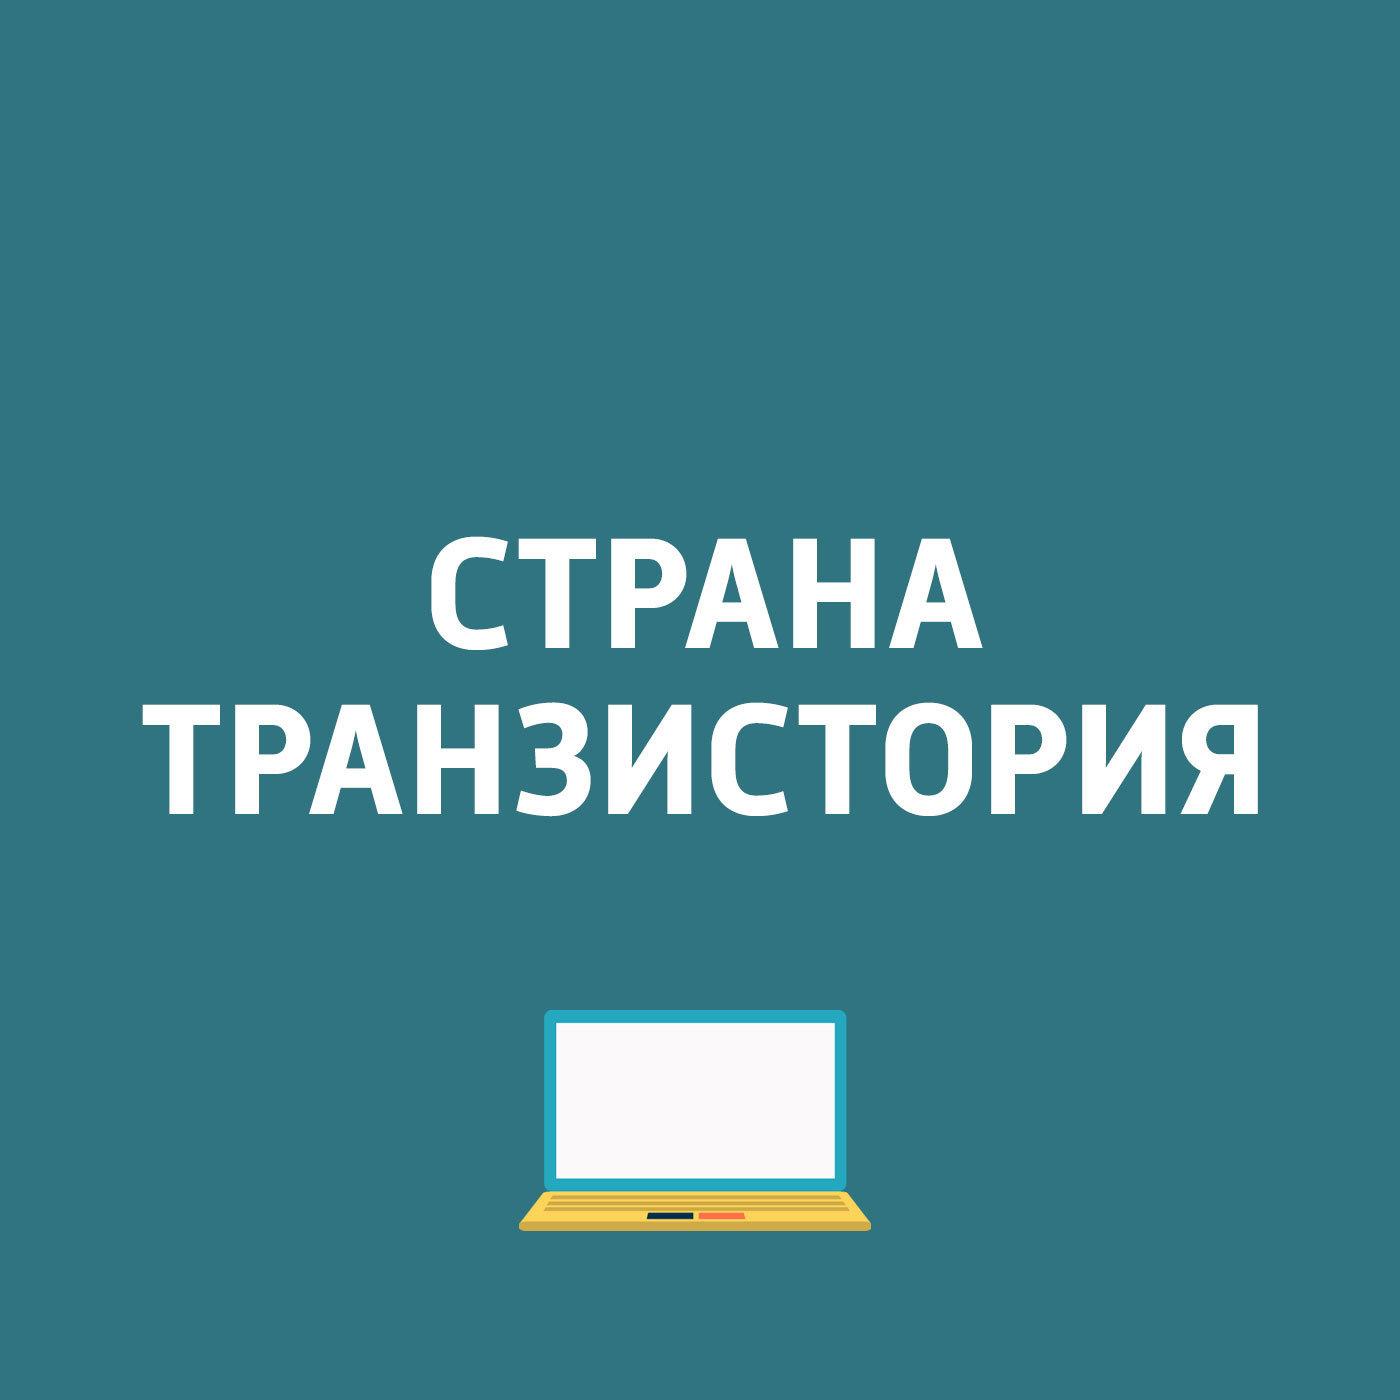 Картаев Павел Начало продаж в России телефона Nokia 8110 4G; Показан смартфон с девятью камерами; Oculus внесла изменения в системные требования Oculus Rift картаев павел hmd global выпустила смартфон nokia 8 eset обнаружила вирус для устройств на андроиде